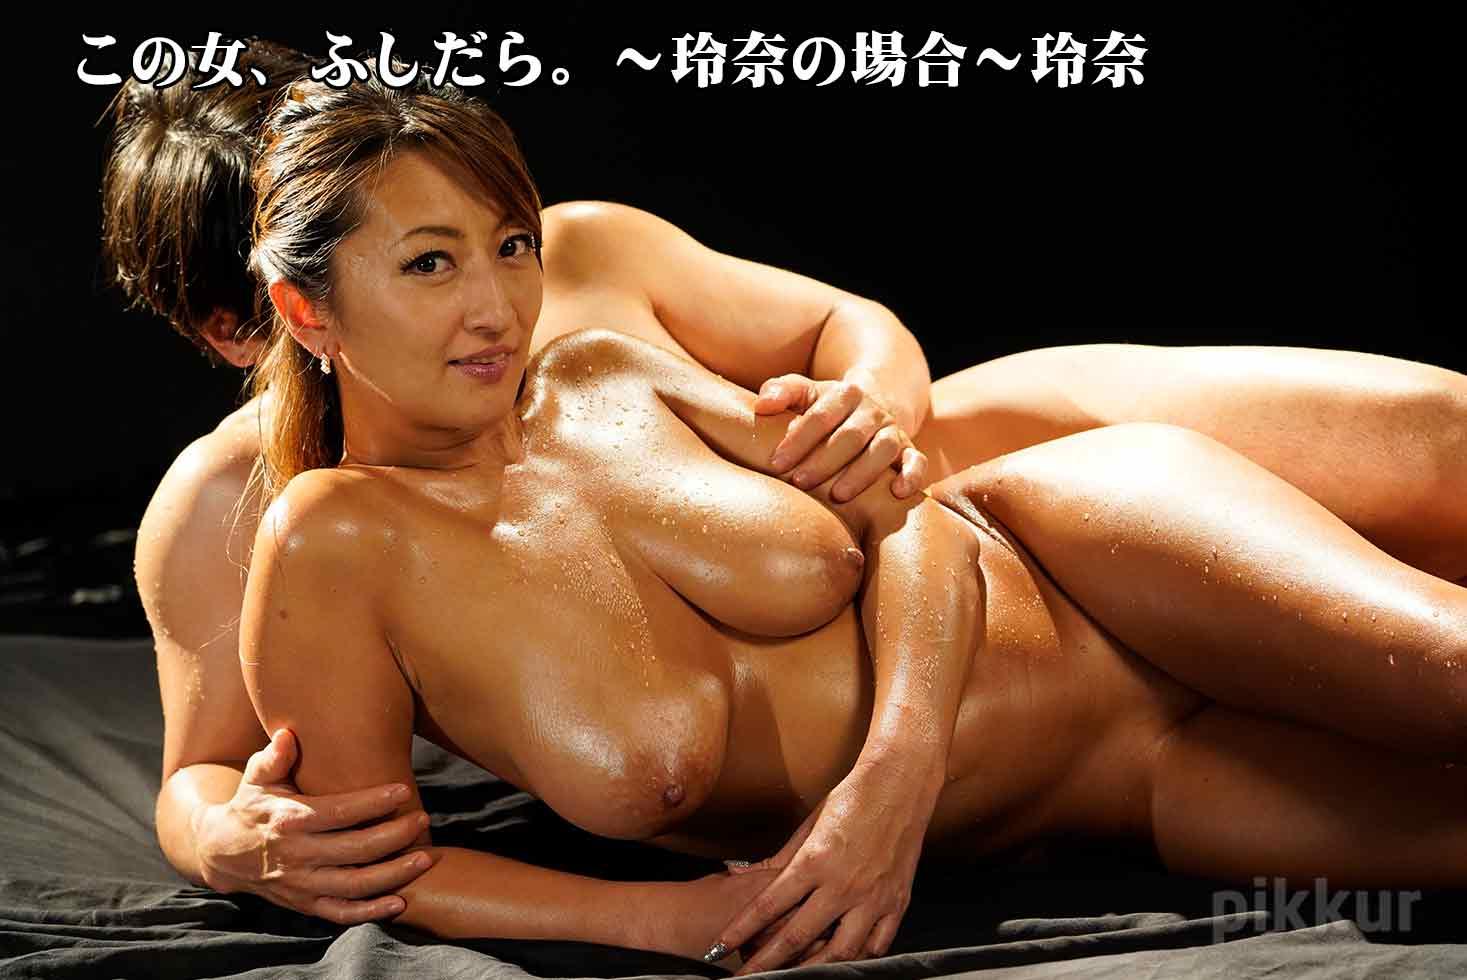 手コキ お姉さん 有名女優 日本人 巨乳 美乳 69 バック 騎乗位 正上位 美脚 生ハメ 生姦 クンニ フェラ 美尻 スレンダー 指マン